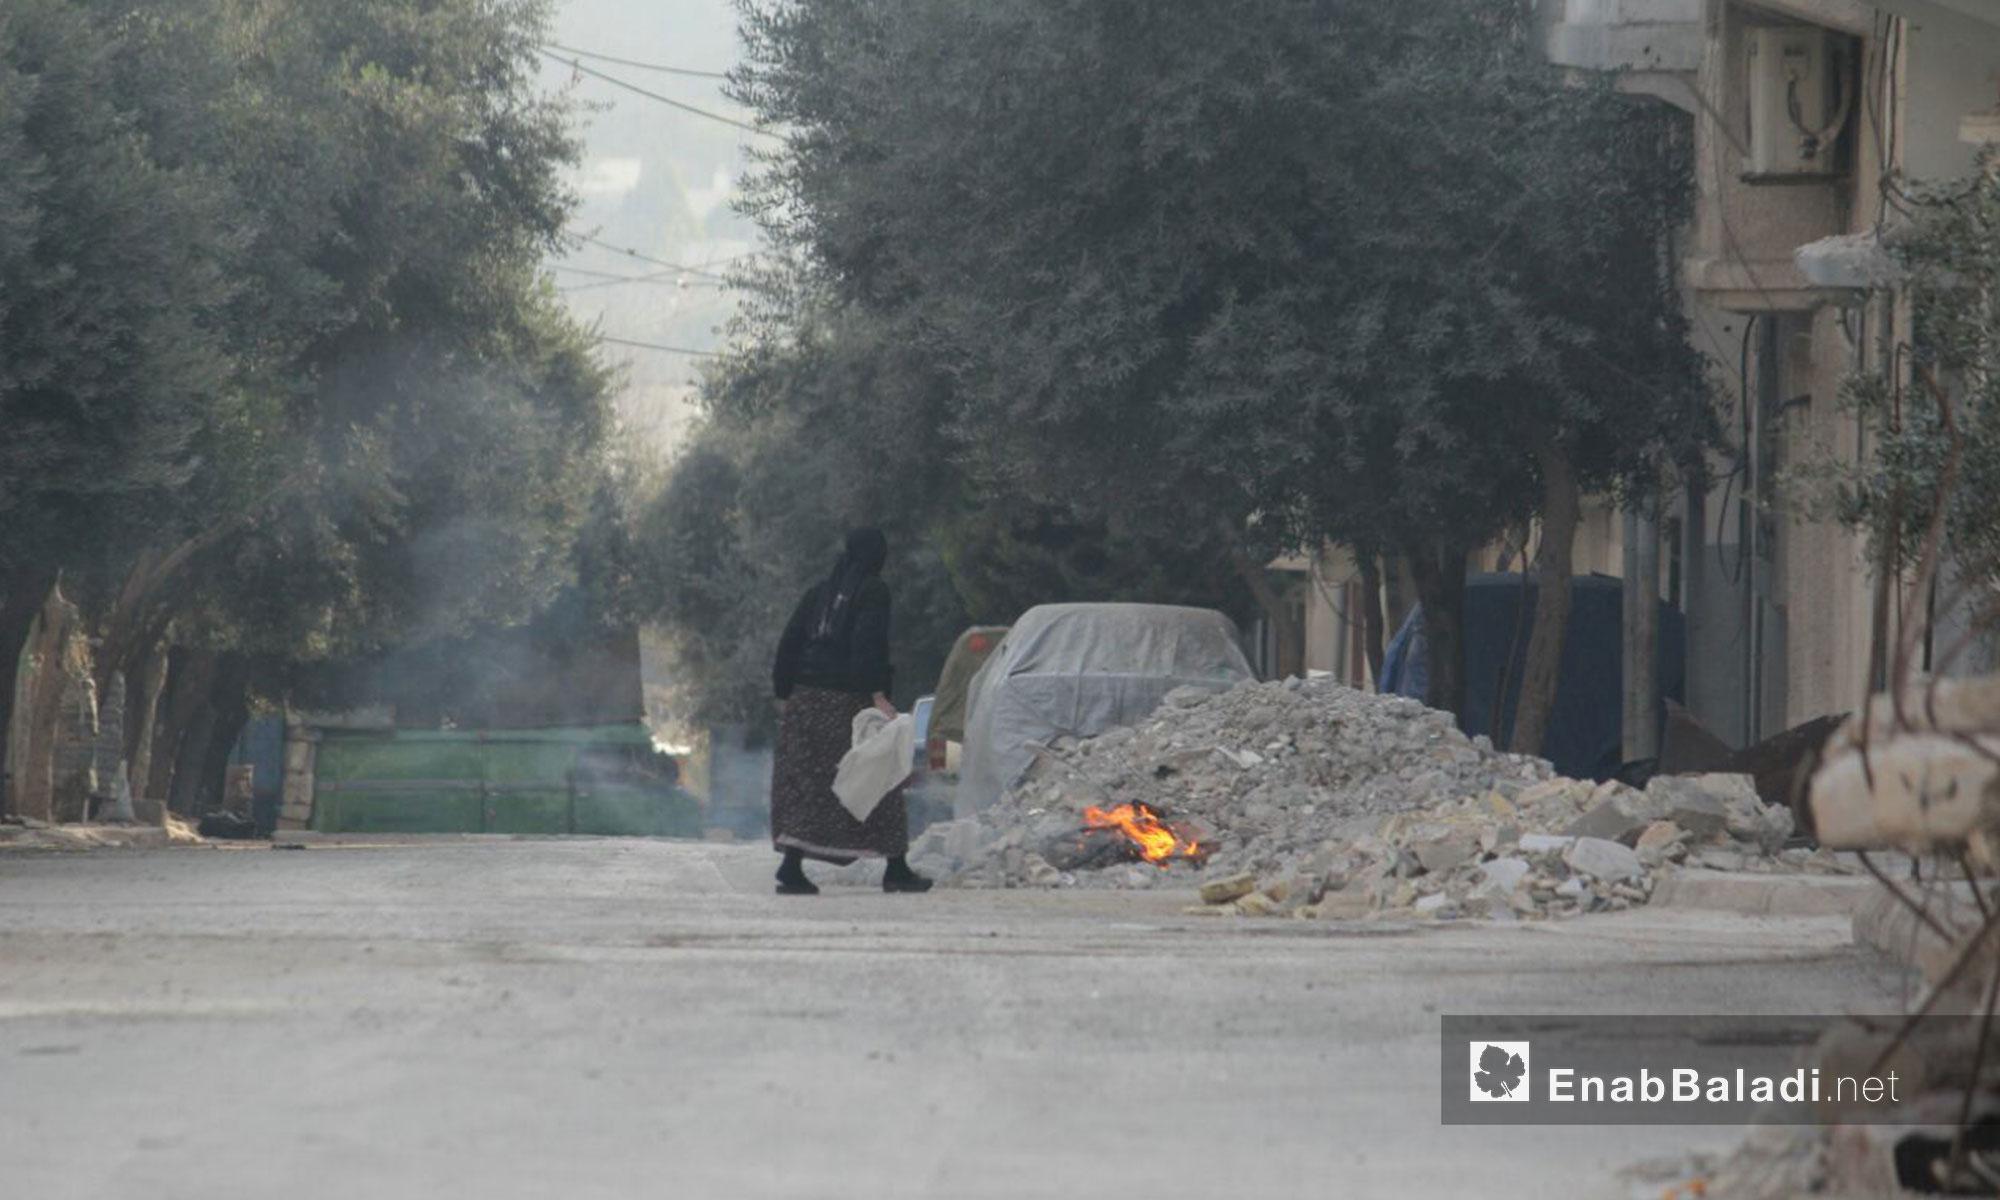 امرأة في حي الوعر في حمص تتخلص من القمامة بحرقها - 2 شباط 2017 (عنب بلدي)